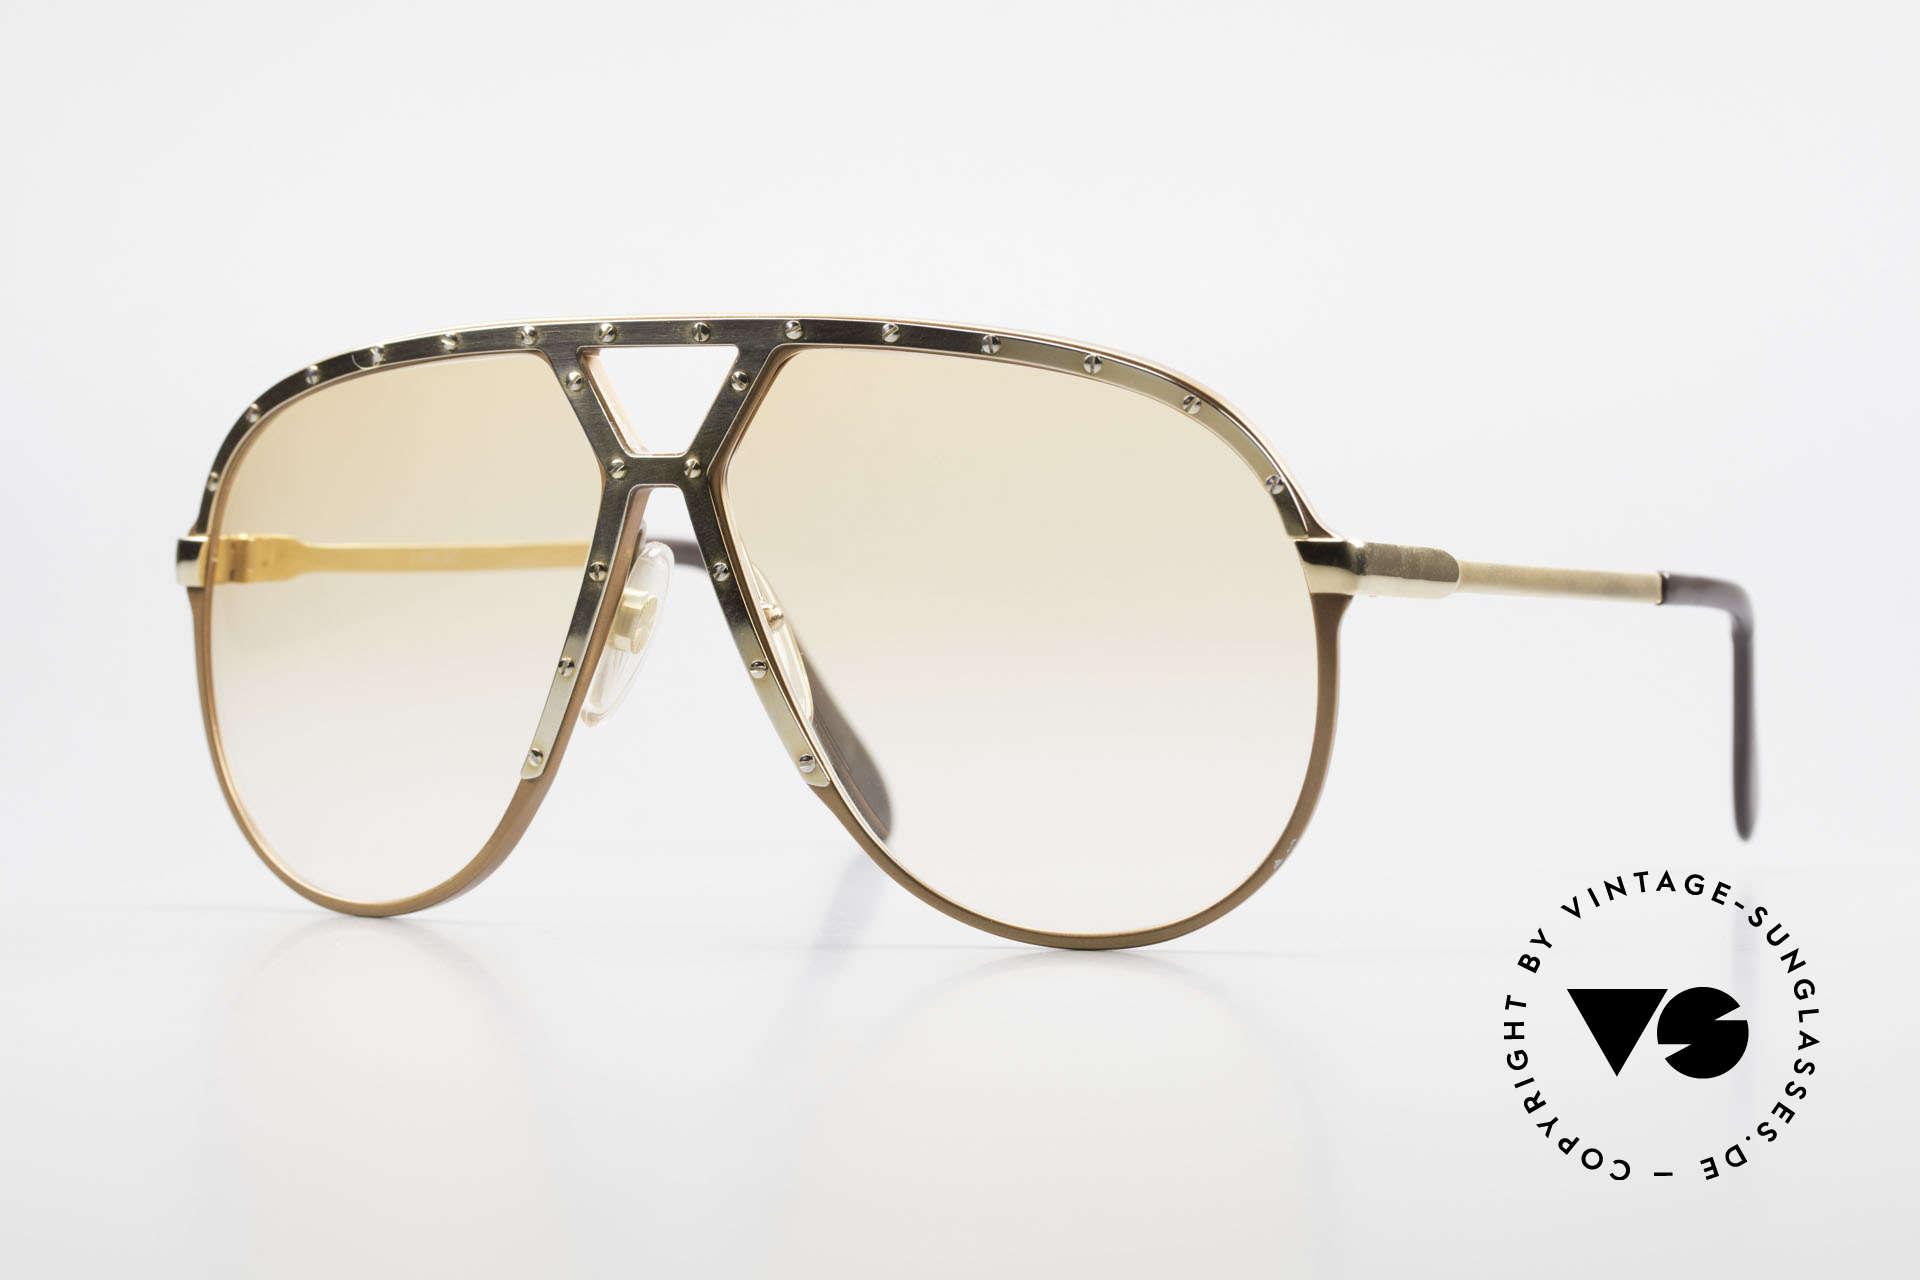 Alpina M1 Rare 80s Vintage Brille Orange, ultra seltene ALPINA M1 Sonnenbrille von 1986, Passend für Herren